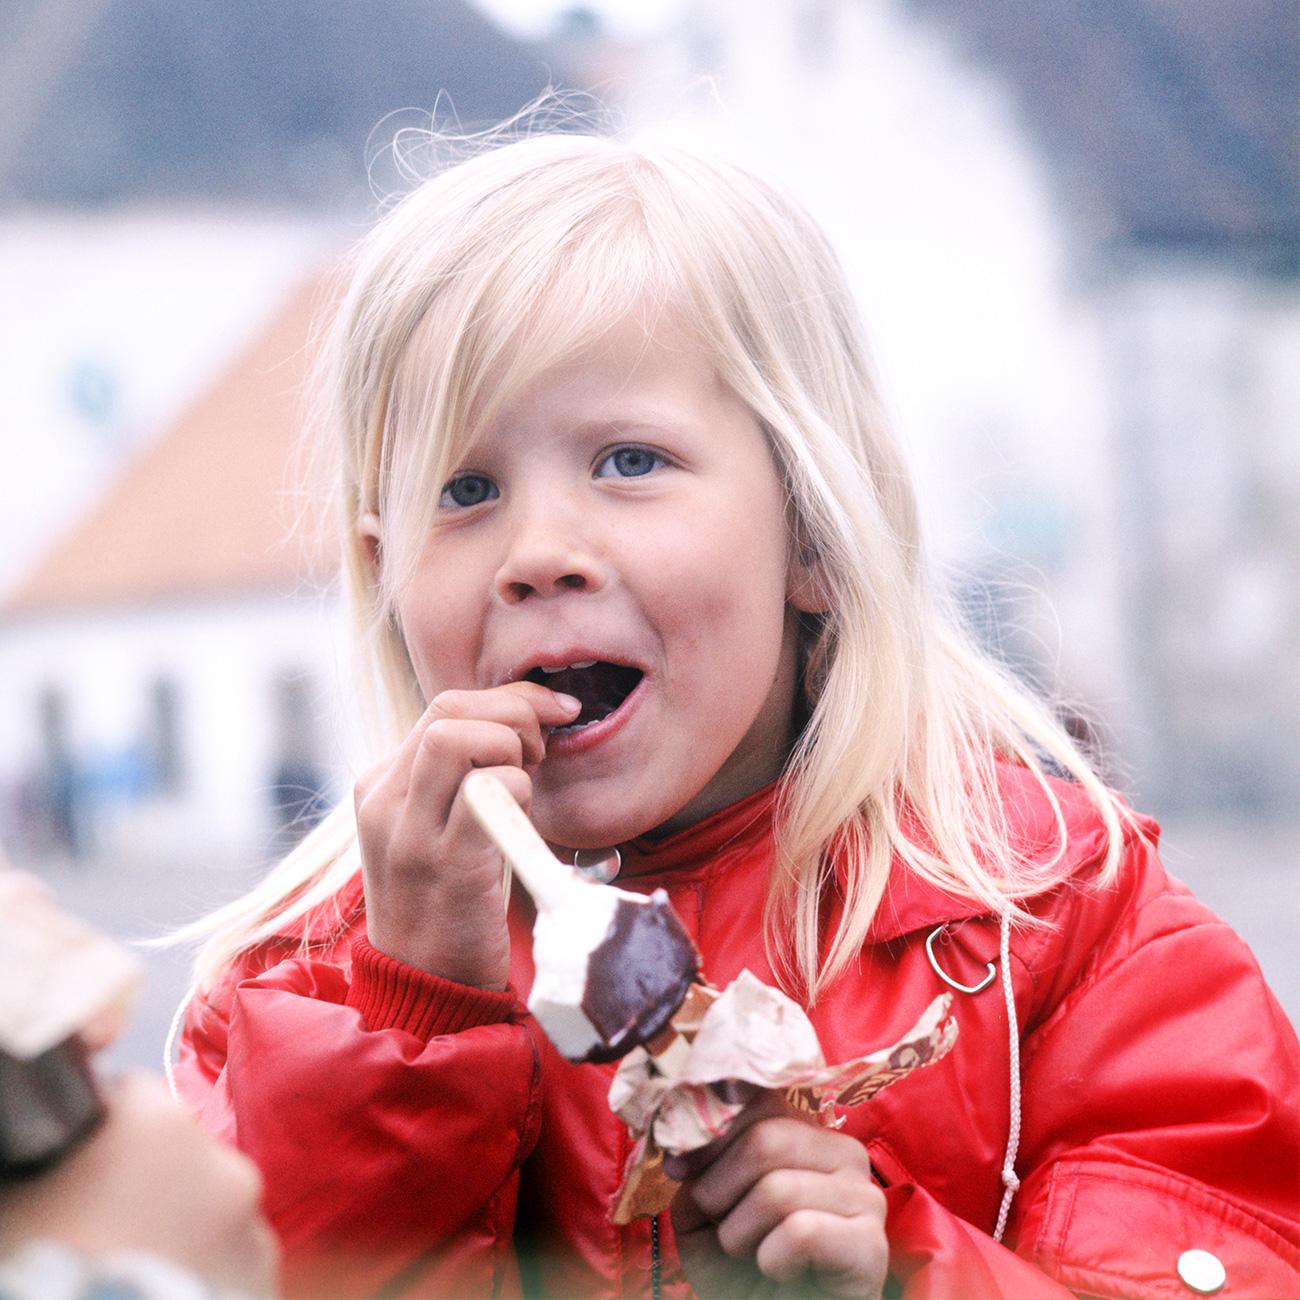 """Fino alla fine degli anni Quaranta i gelati """"Eskimo"""" (""""eschimese"""") erano prodotti a mano, e il bastoncino veniva servito a parte // Una bambina mangia un gelato. Isola di Saaremaa, Estonia (allora parte dell'Urss)"""